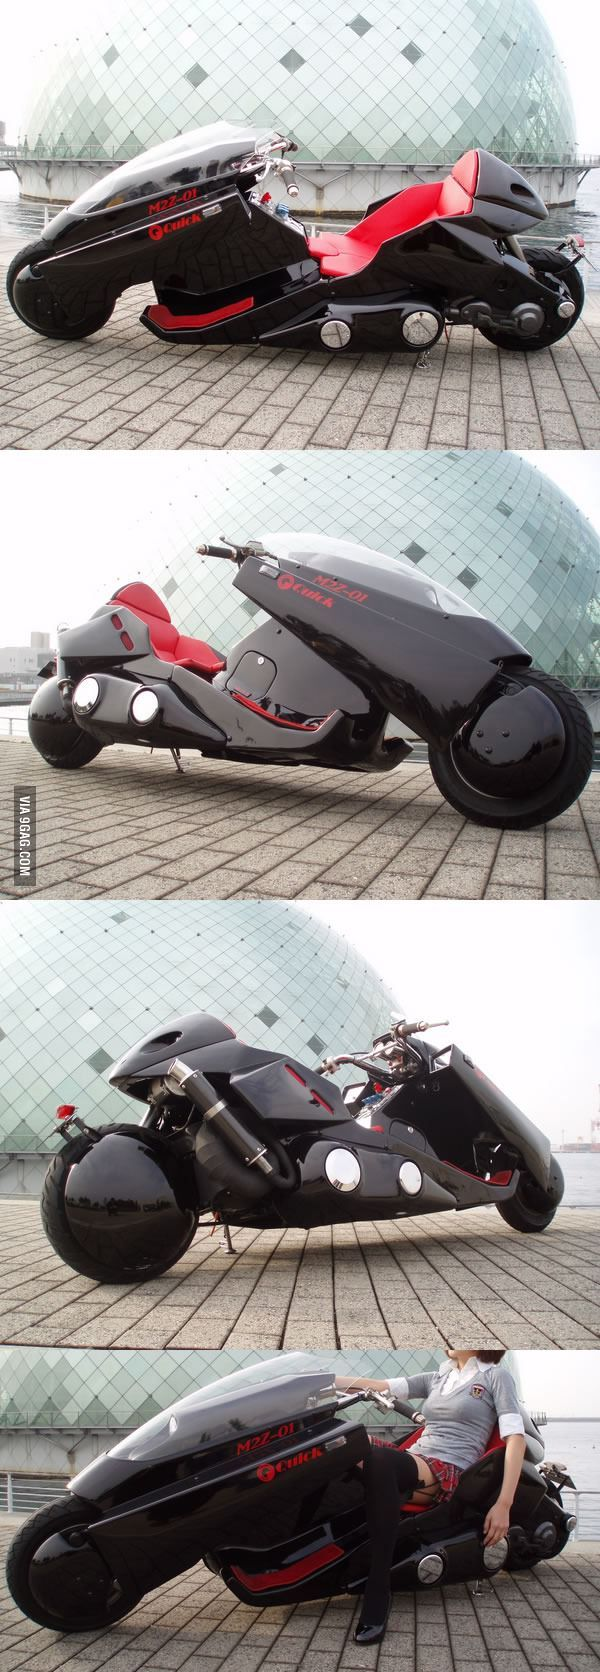 A real AKIRA motorcycle!